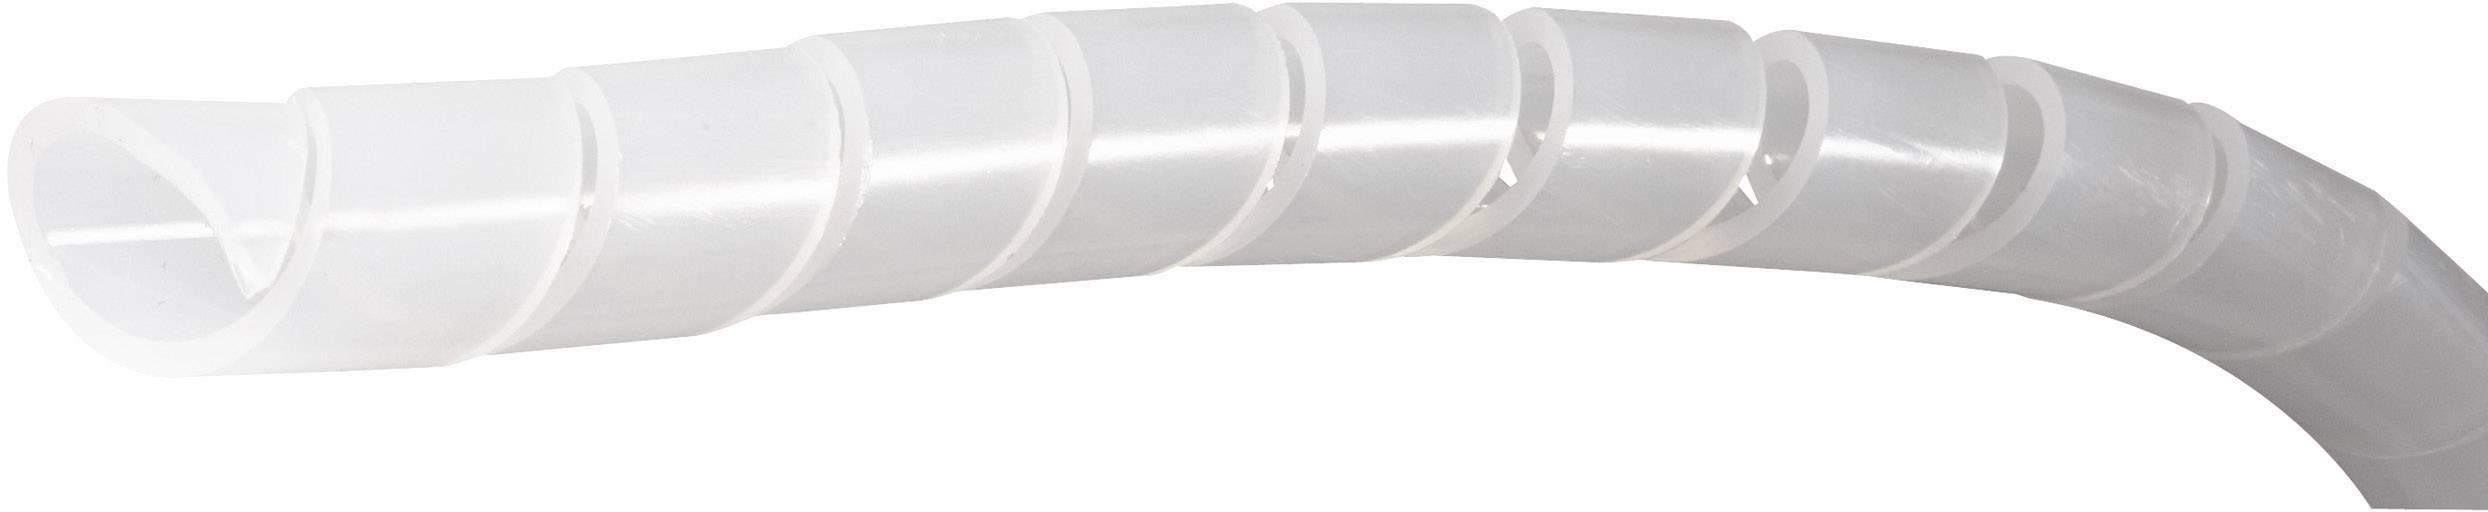 Spirálová objímka PB Fastener SB 120E, 20 - 120 mm, přírodní